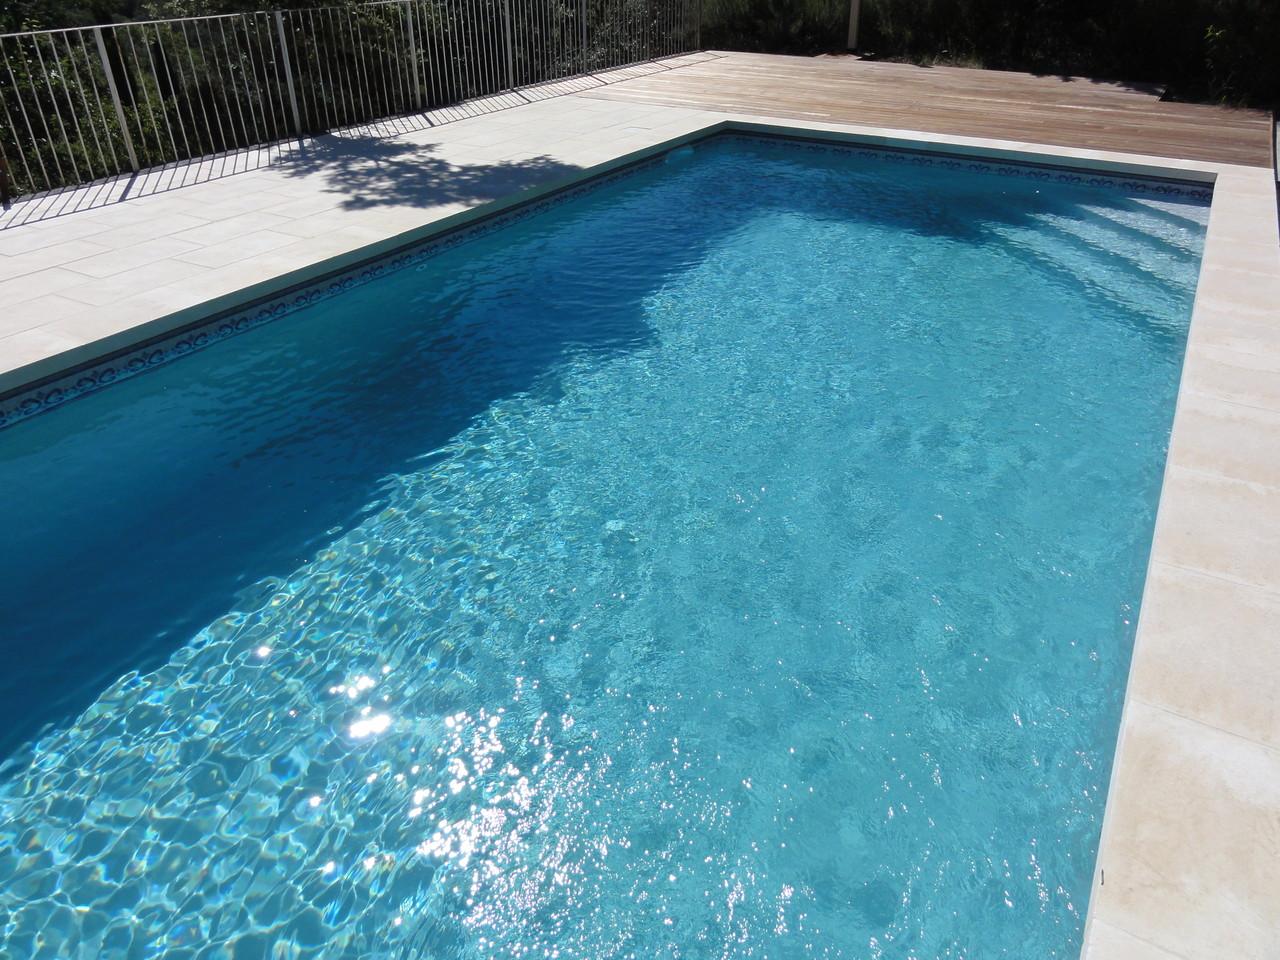 Piscines aluminium alpilles luberon piscines for Piscine entretien